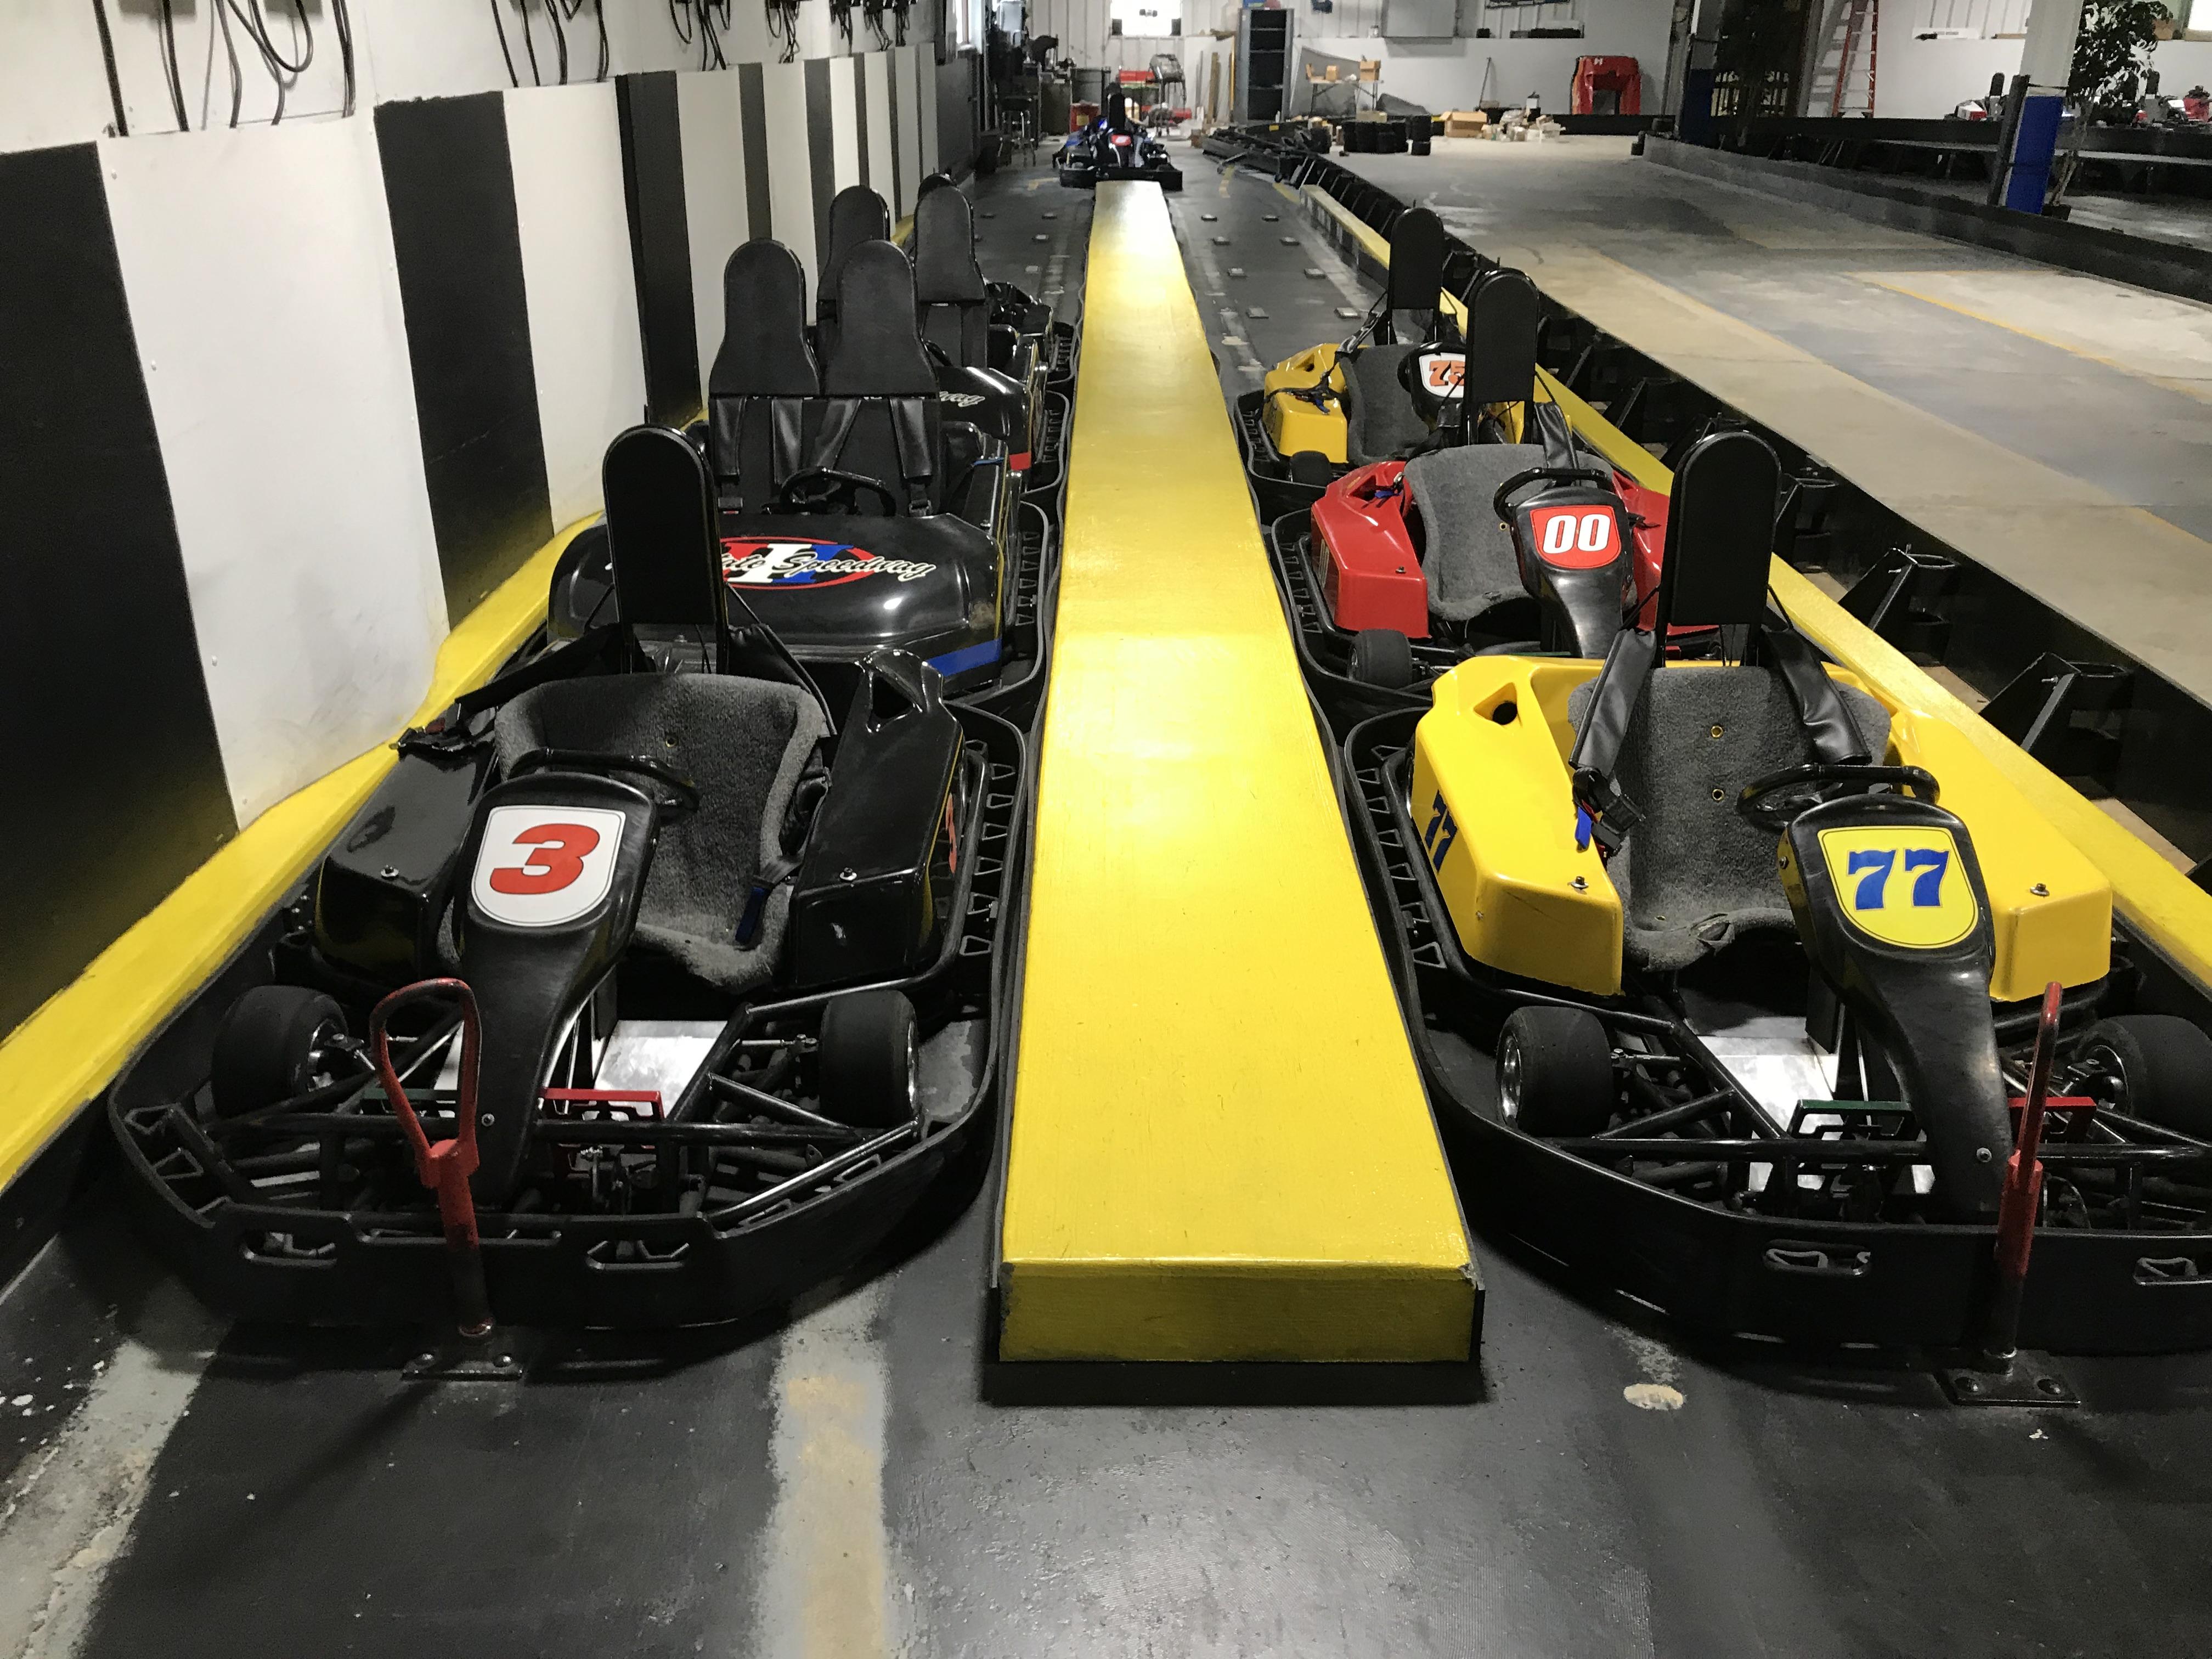 FULL AMUSEMENT & GO CART FACILITY - (50+) ARCADE GAMES – ROLLER SKATING PARK, (14) ELECTRA GO CARTS – (4) BUMPER CARS -